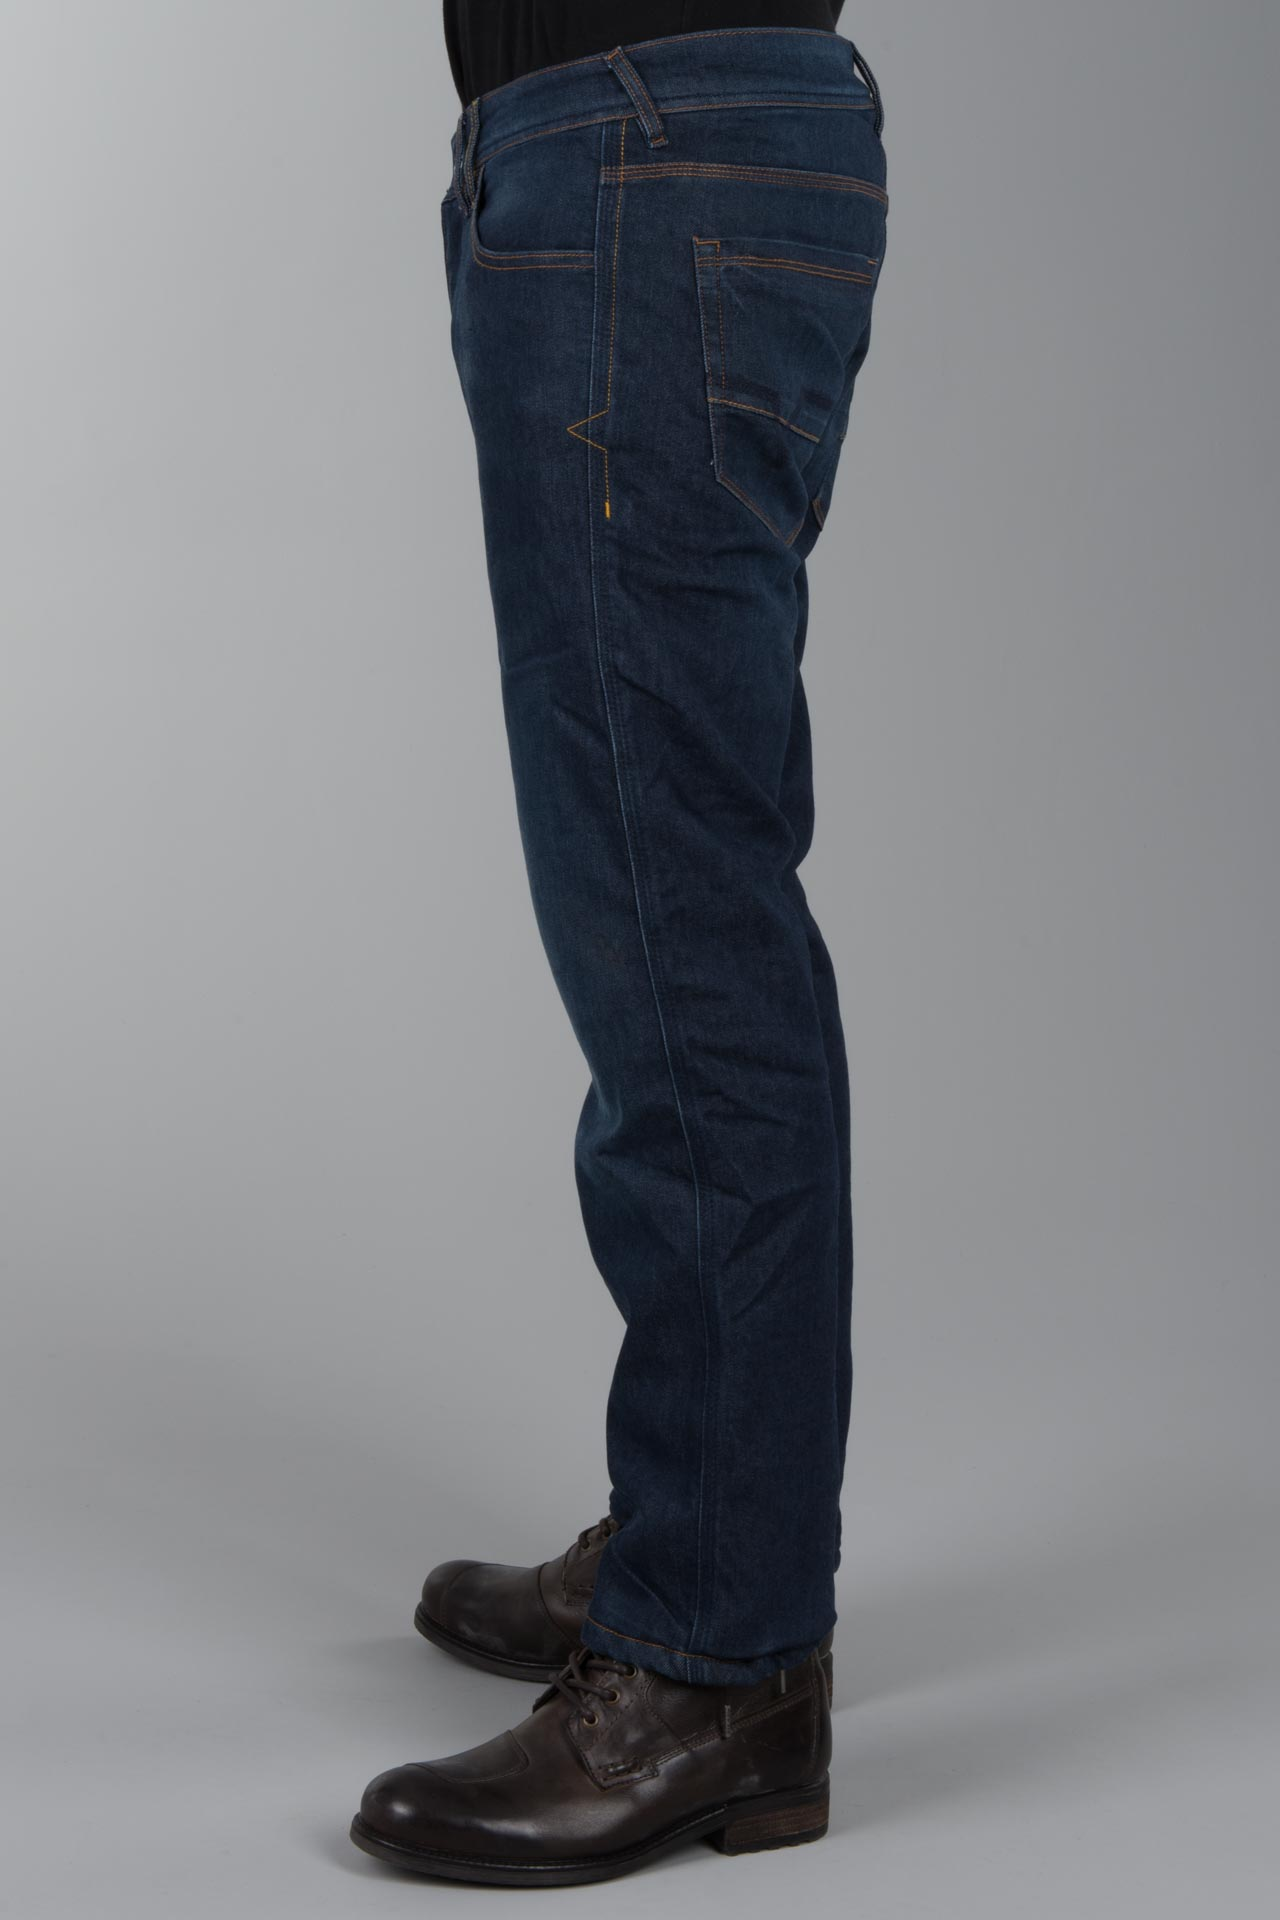 Revit Jeans Corona